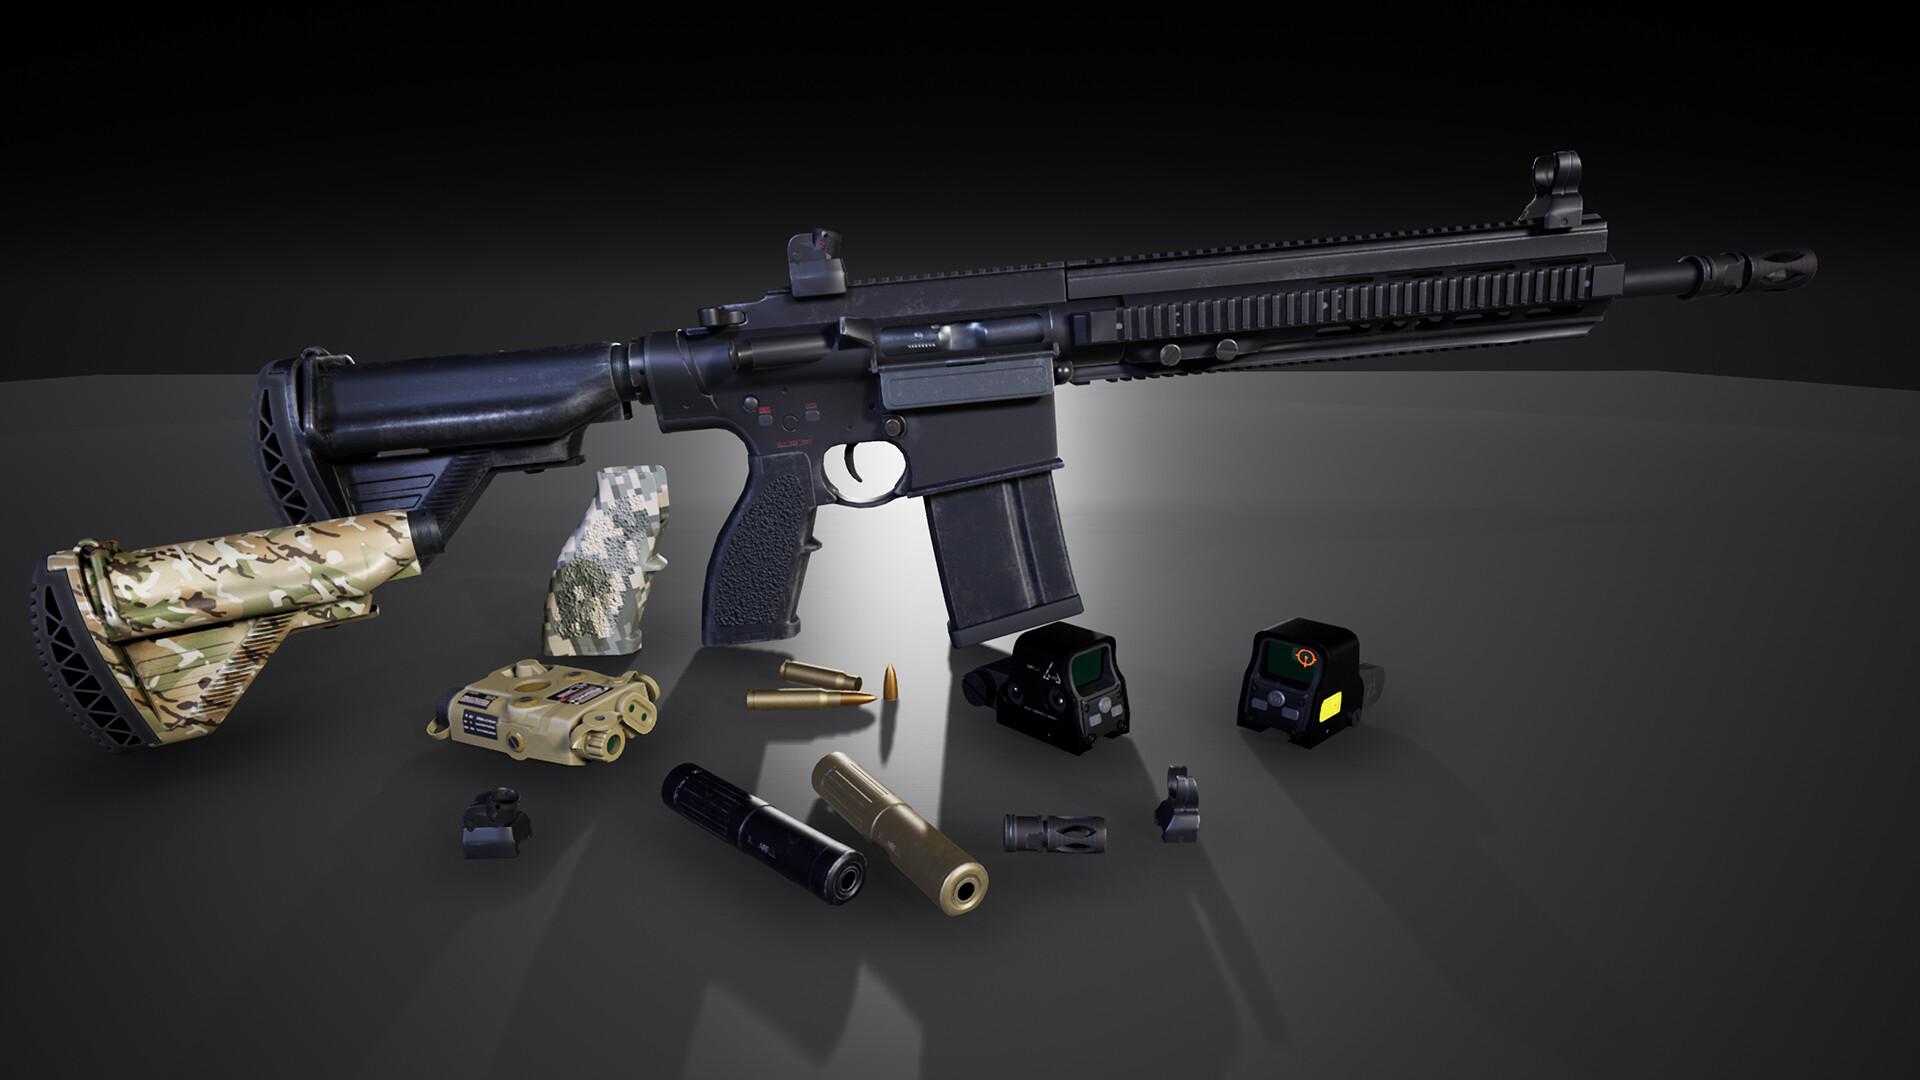 KIRILL Has - Assault rifle